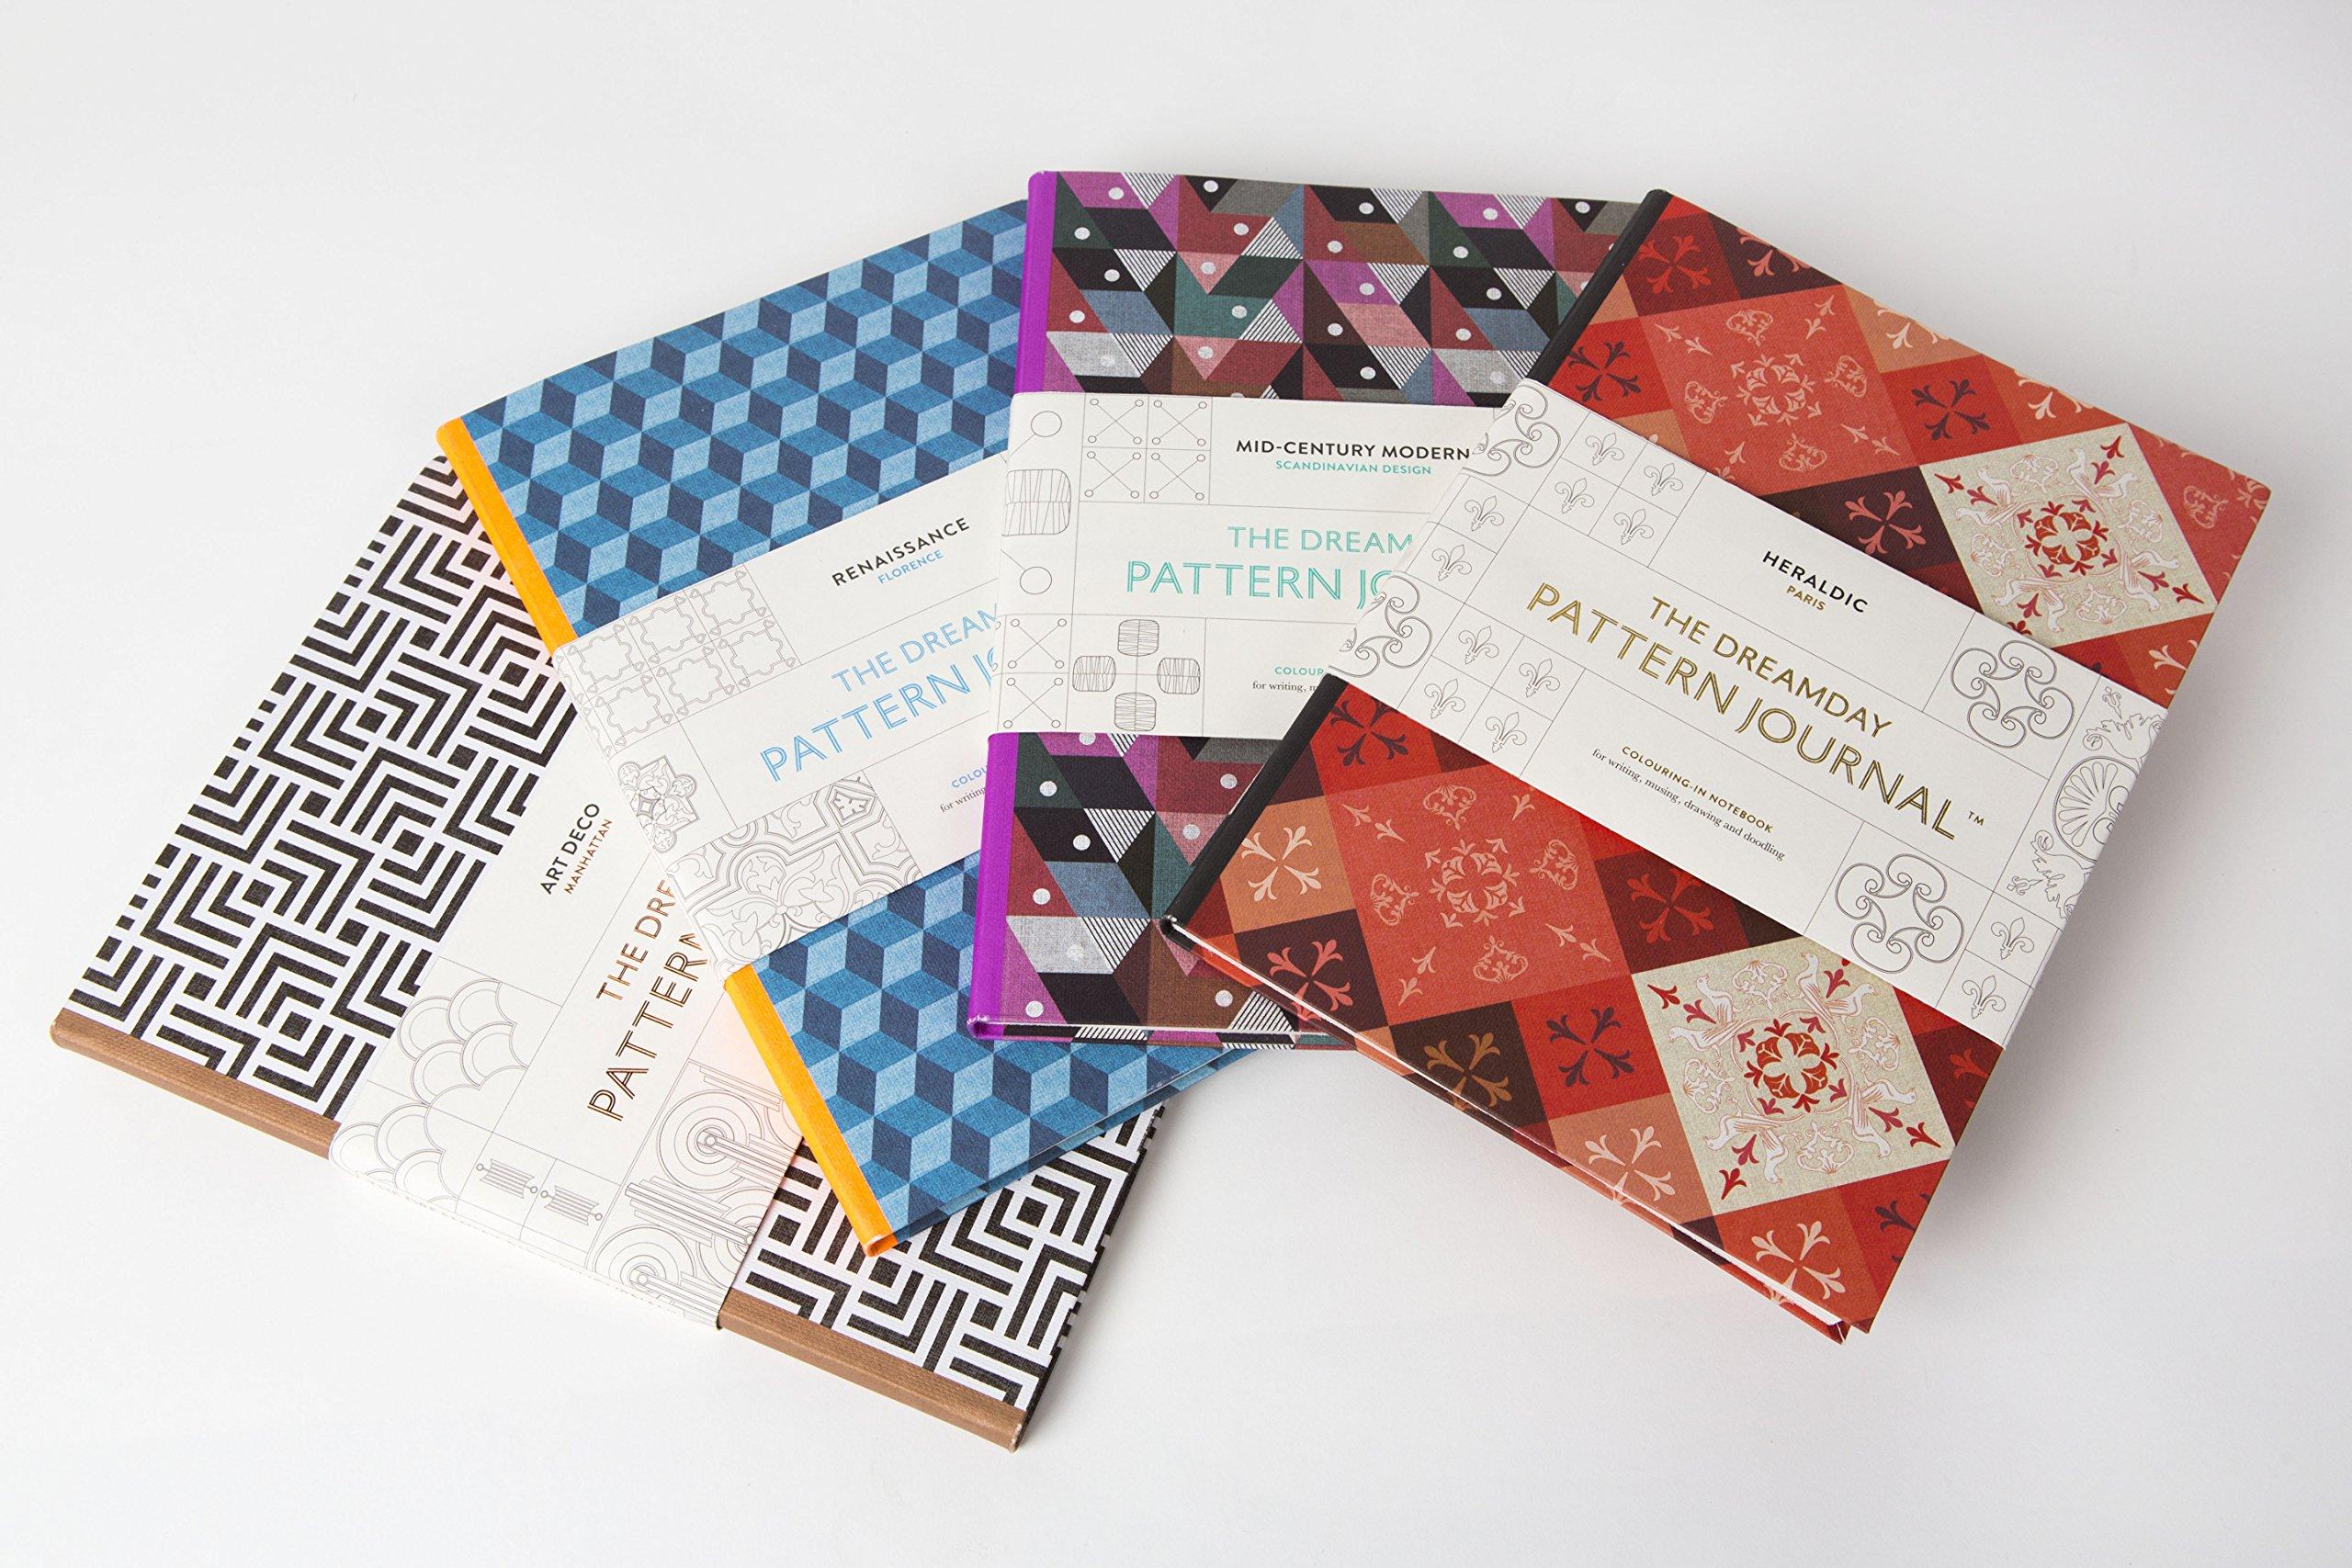 The Original Pattern Journal Mid Century Modern Scandinavian